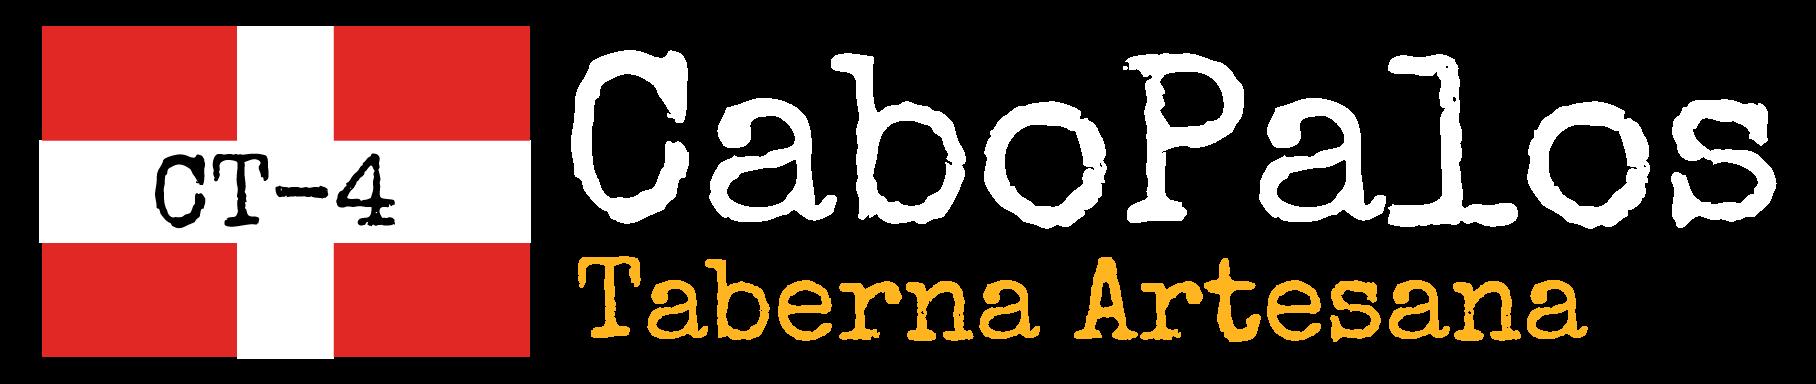 CaboPalos